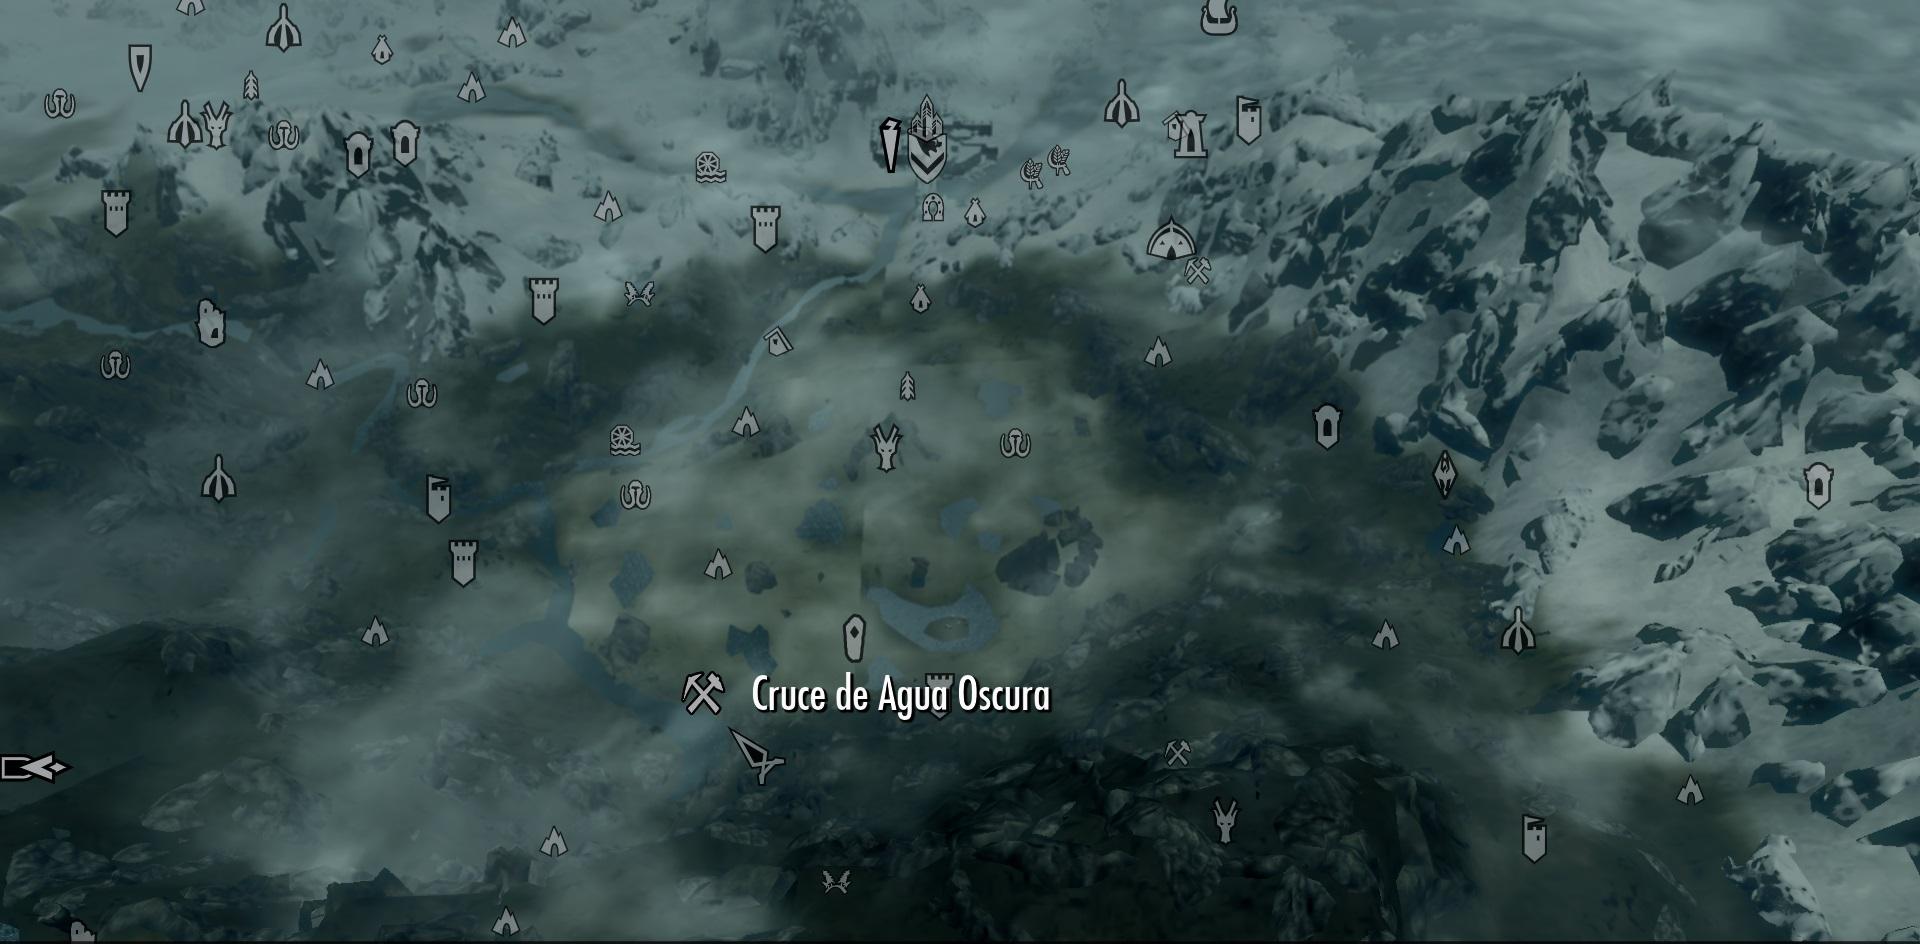 Cruce de Agua Oscura (Skyrim)